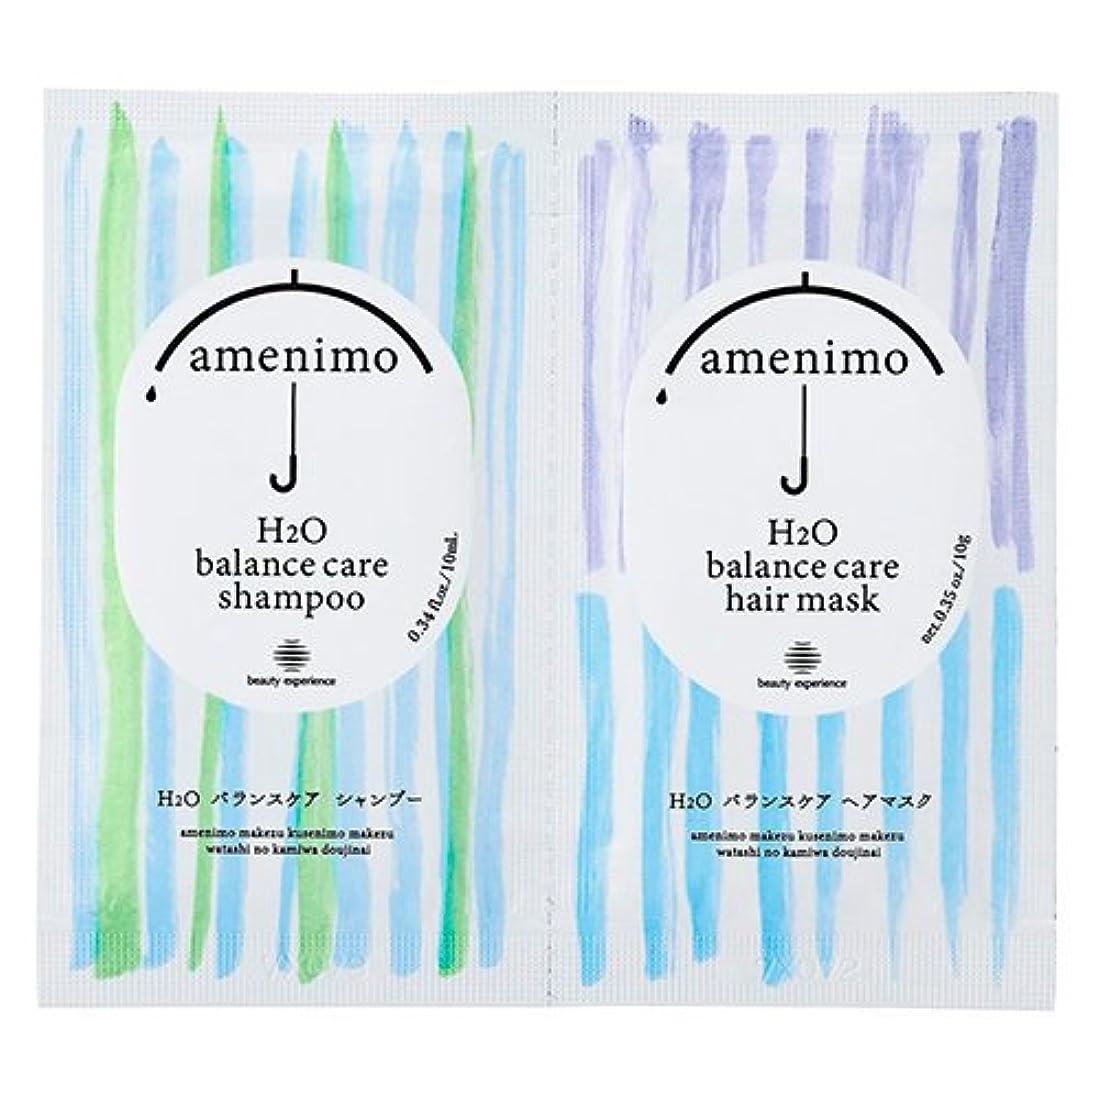 管理たらい割れ目amenimo(アメニモ) H2O バランスケア シャンプー&ヘアマスク 1dayお試し 10mL+10g